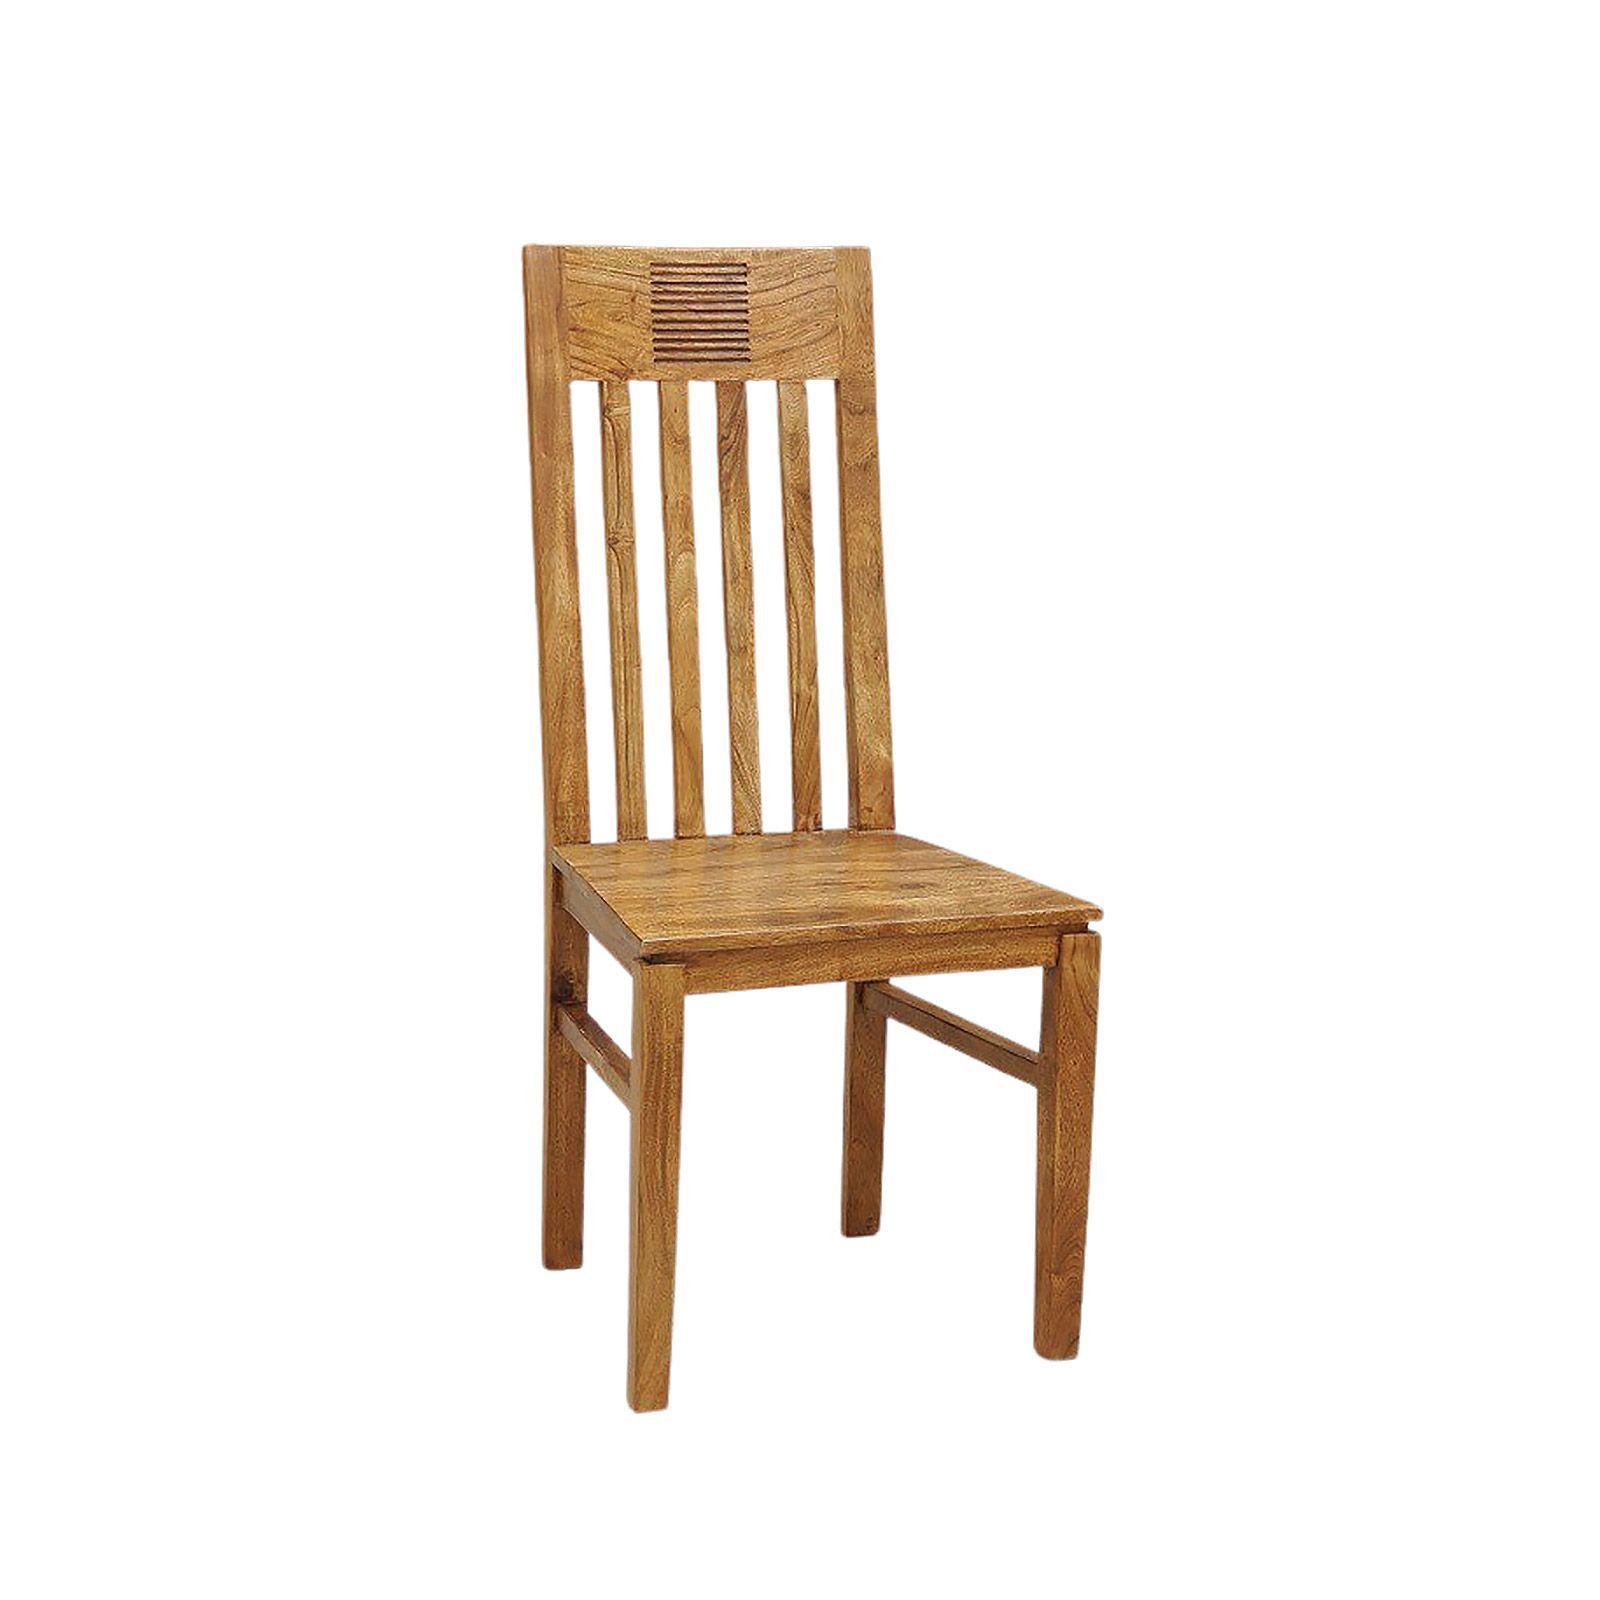 Chaise bois massif exotique strié